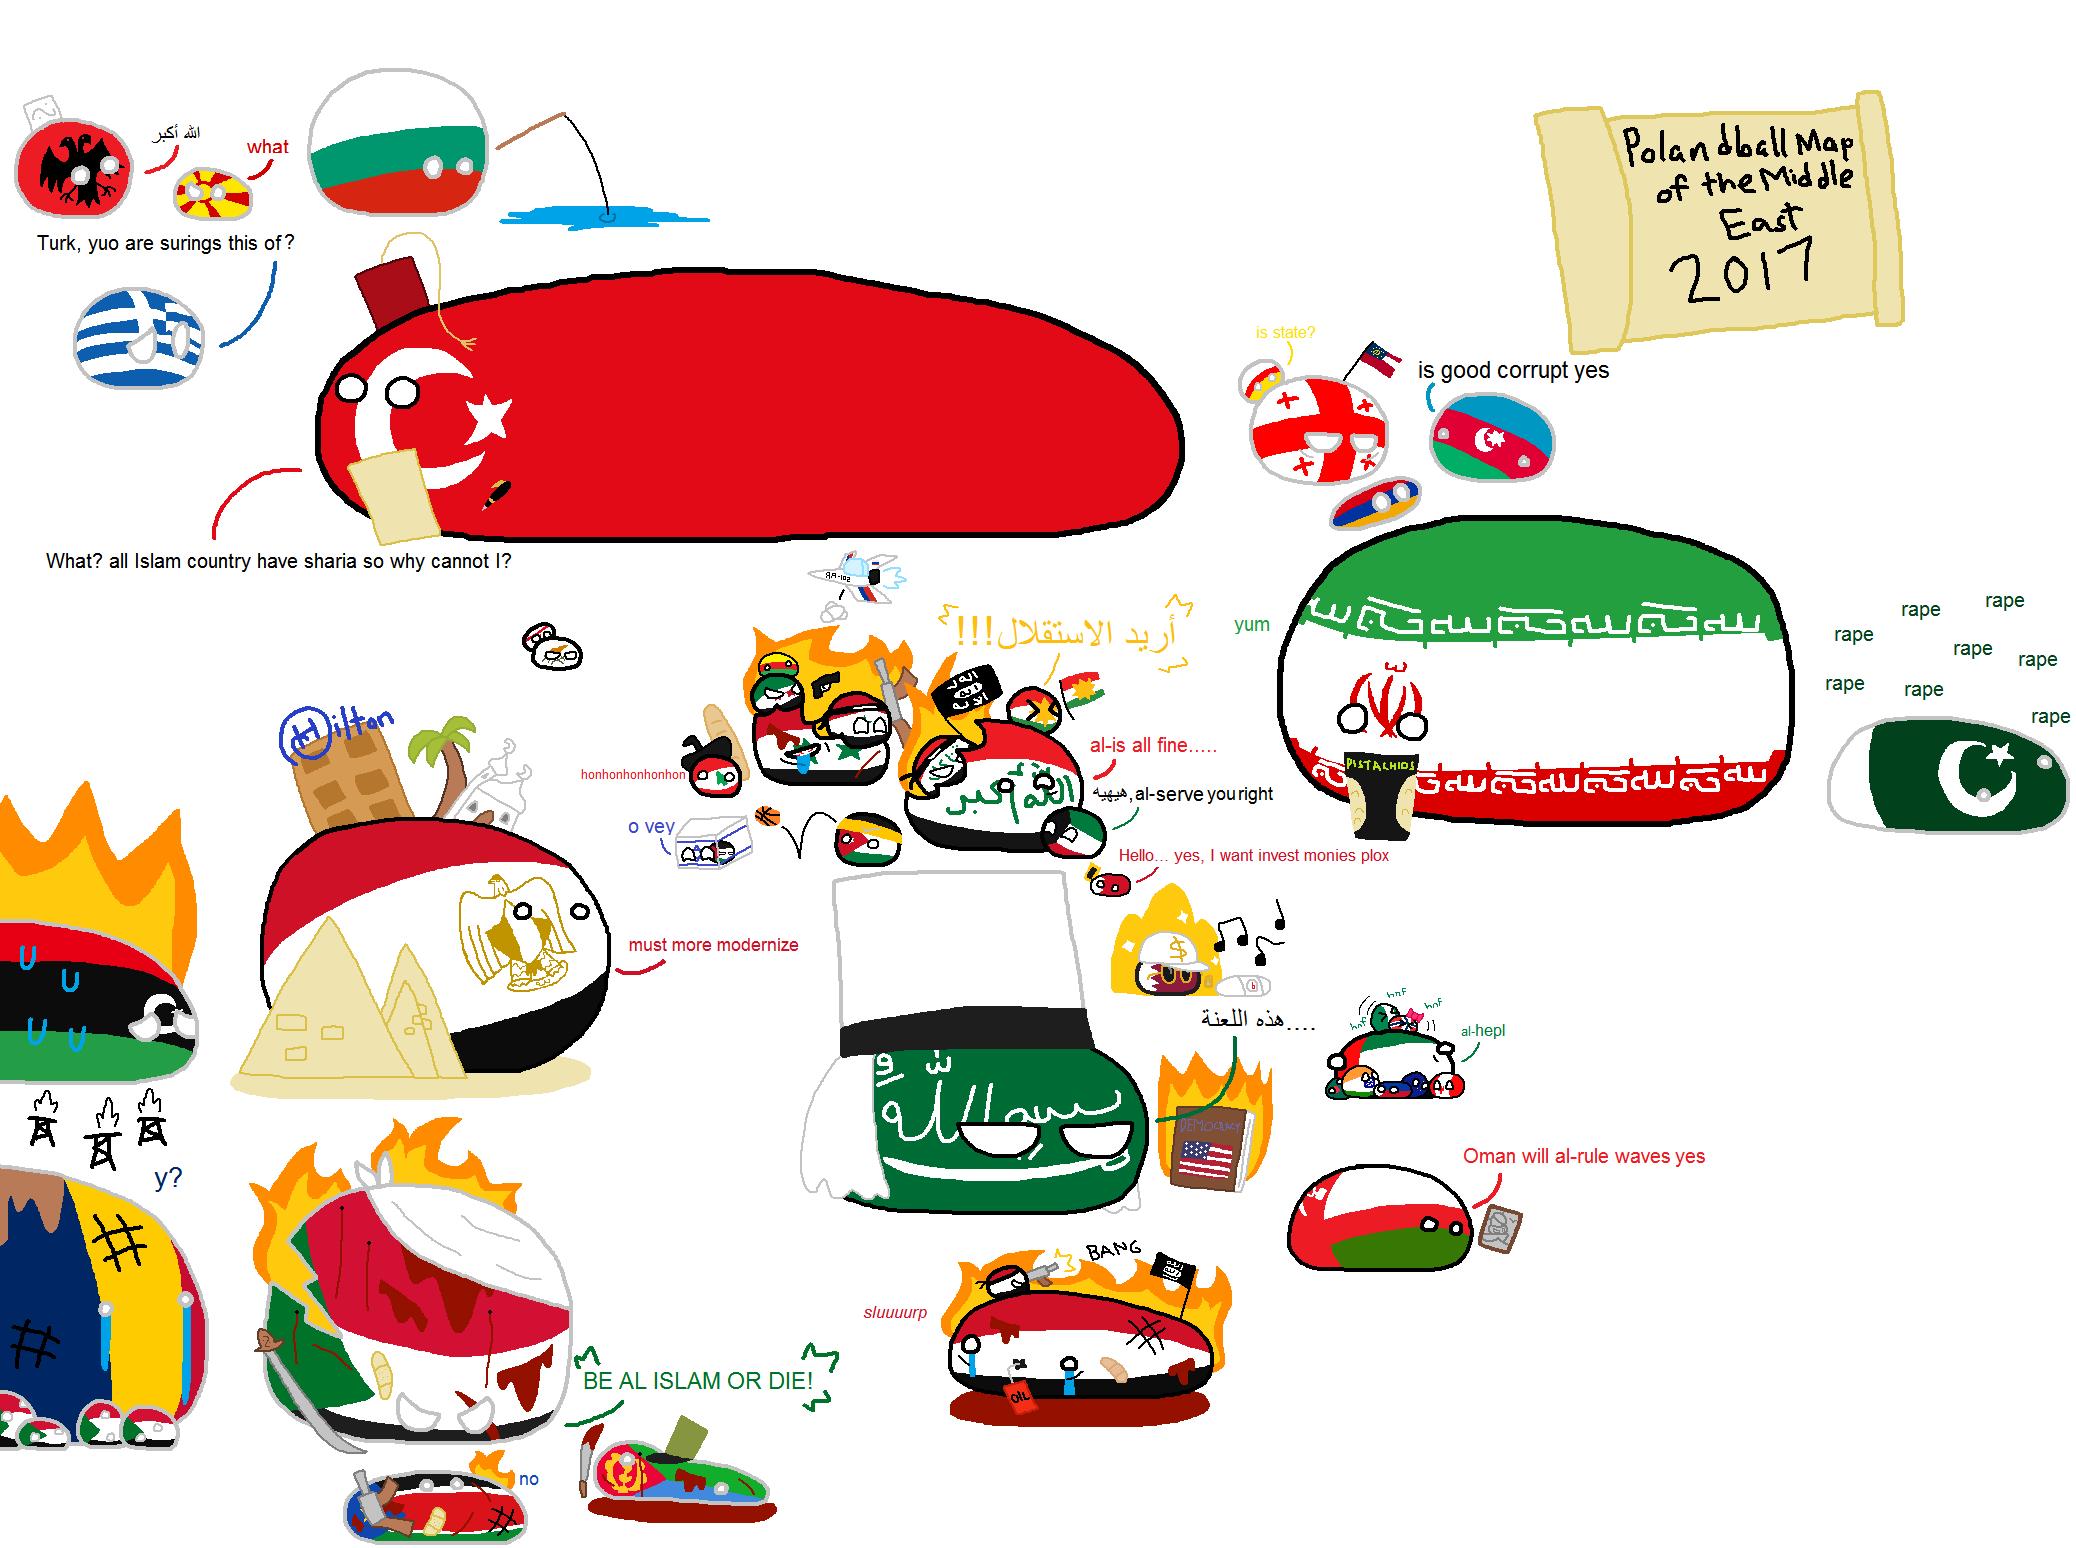 Polandball Map Of The World 2017.Polandball Map Of The Middle East 2017 Countryballs